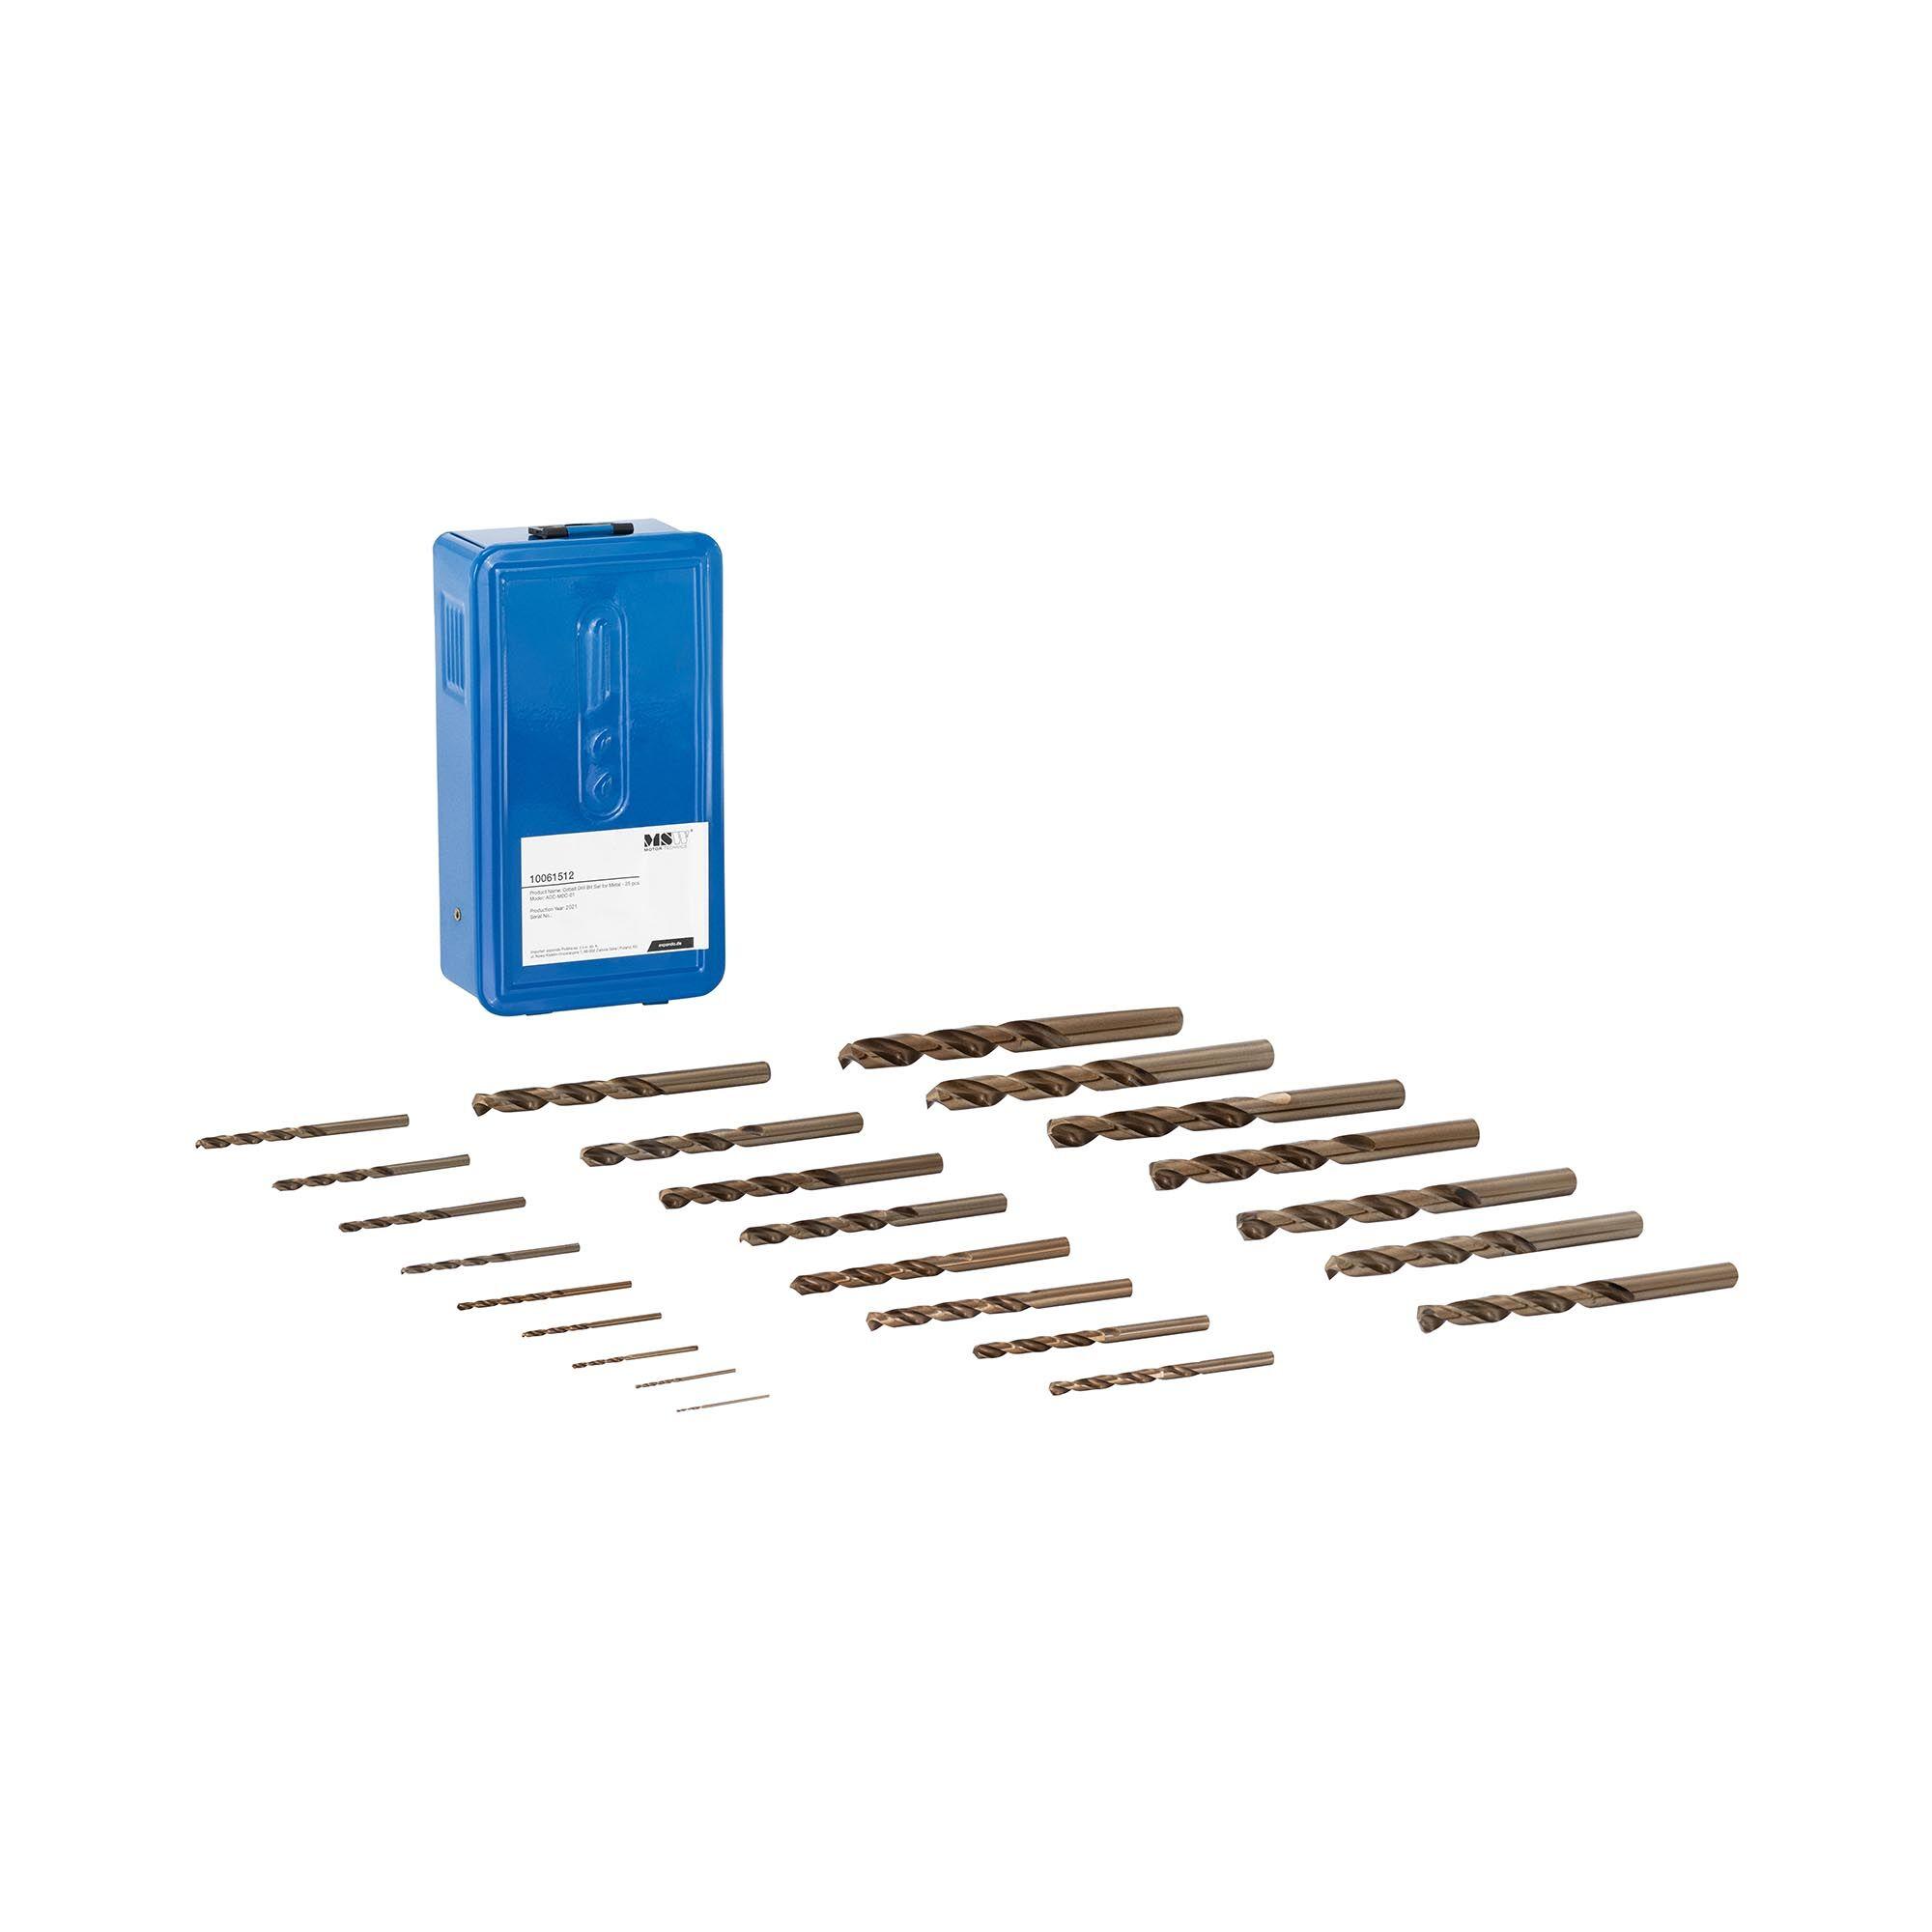 MSW Set punte trapano in cobalto - Per ferro, acciaio inox e altri metalli duri - Acciaio HSS - 25 pezzi ACC-MDC-01